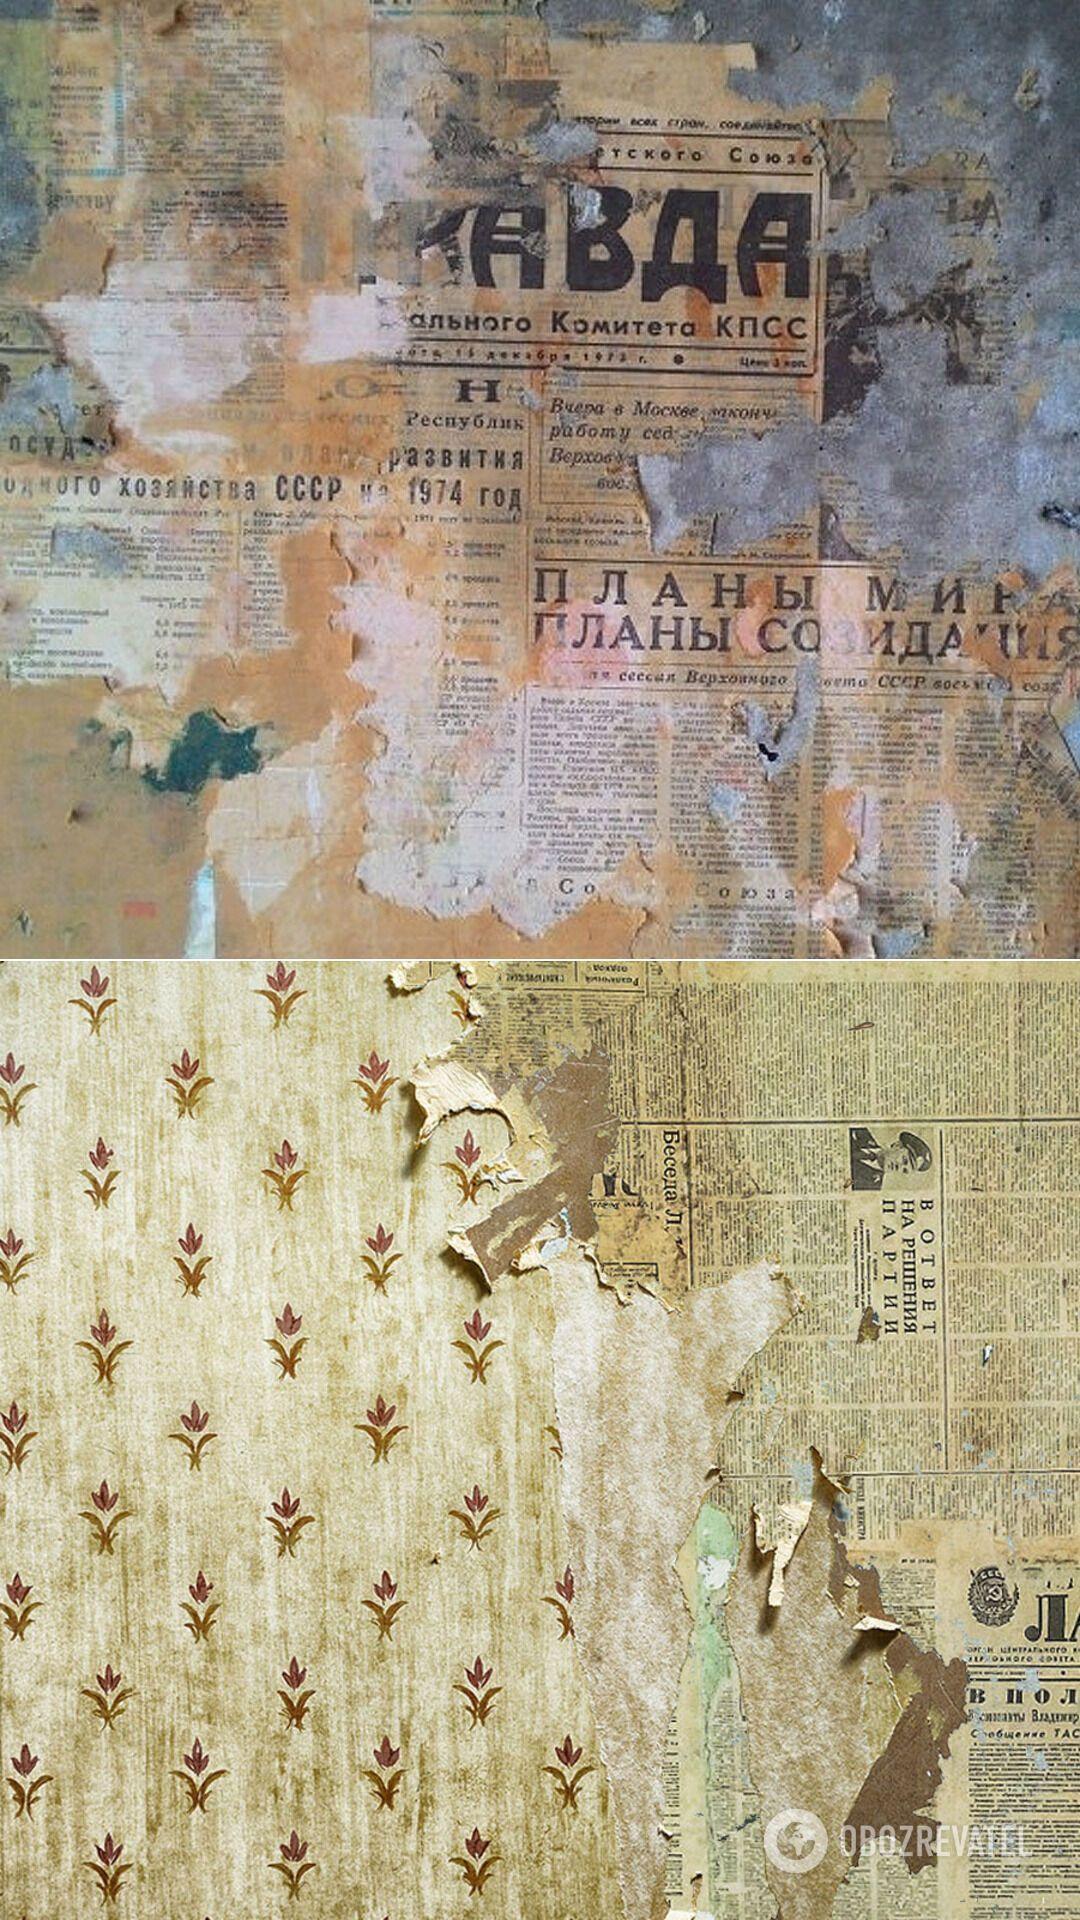 Слой из газет защищал стены от осыпания штукатурки под обоями